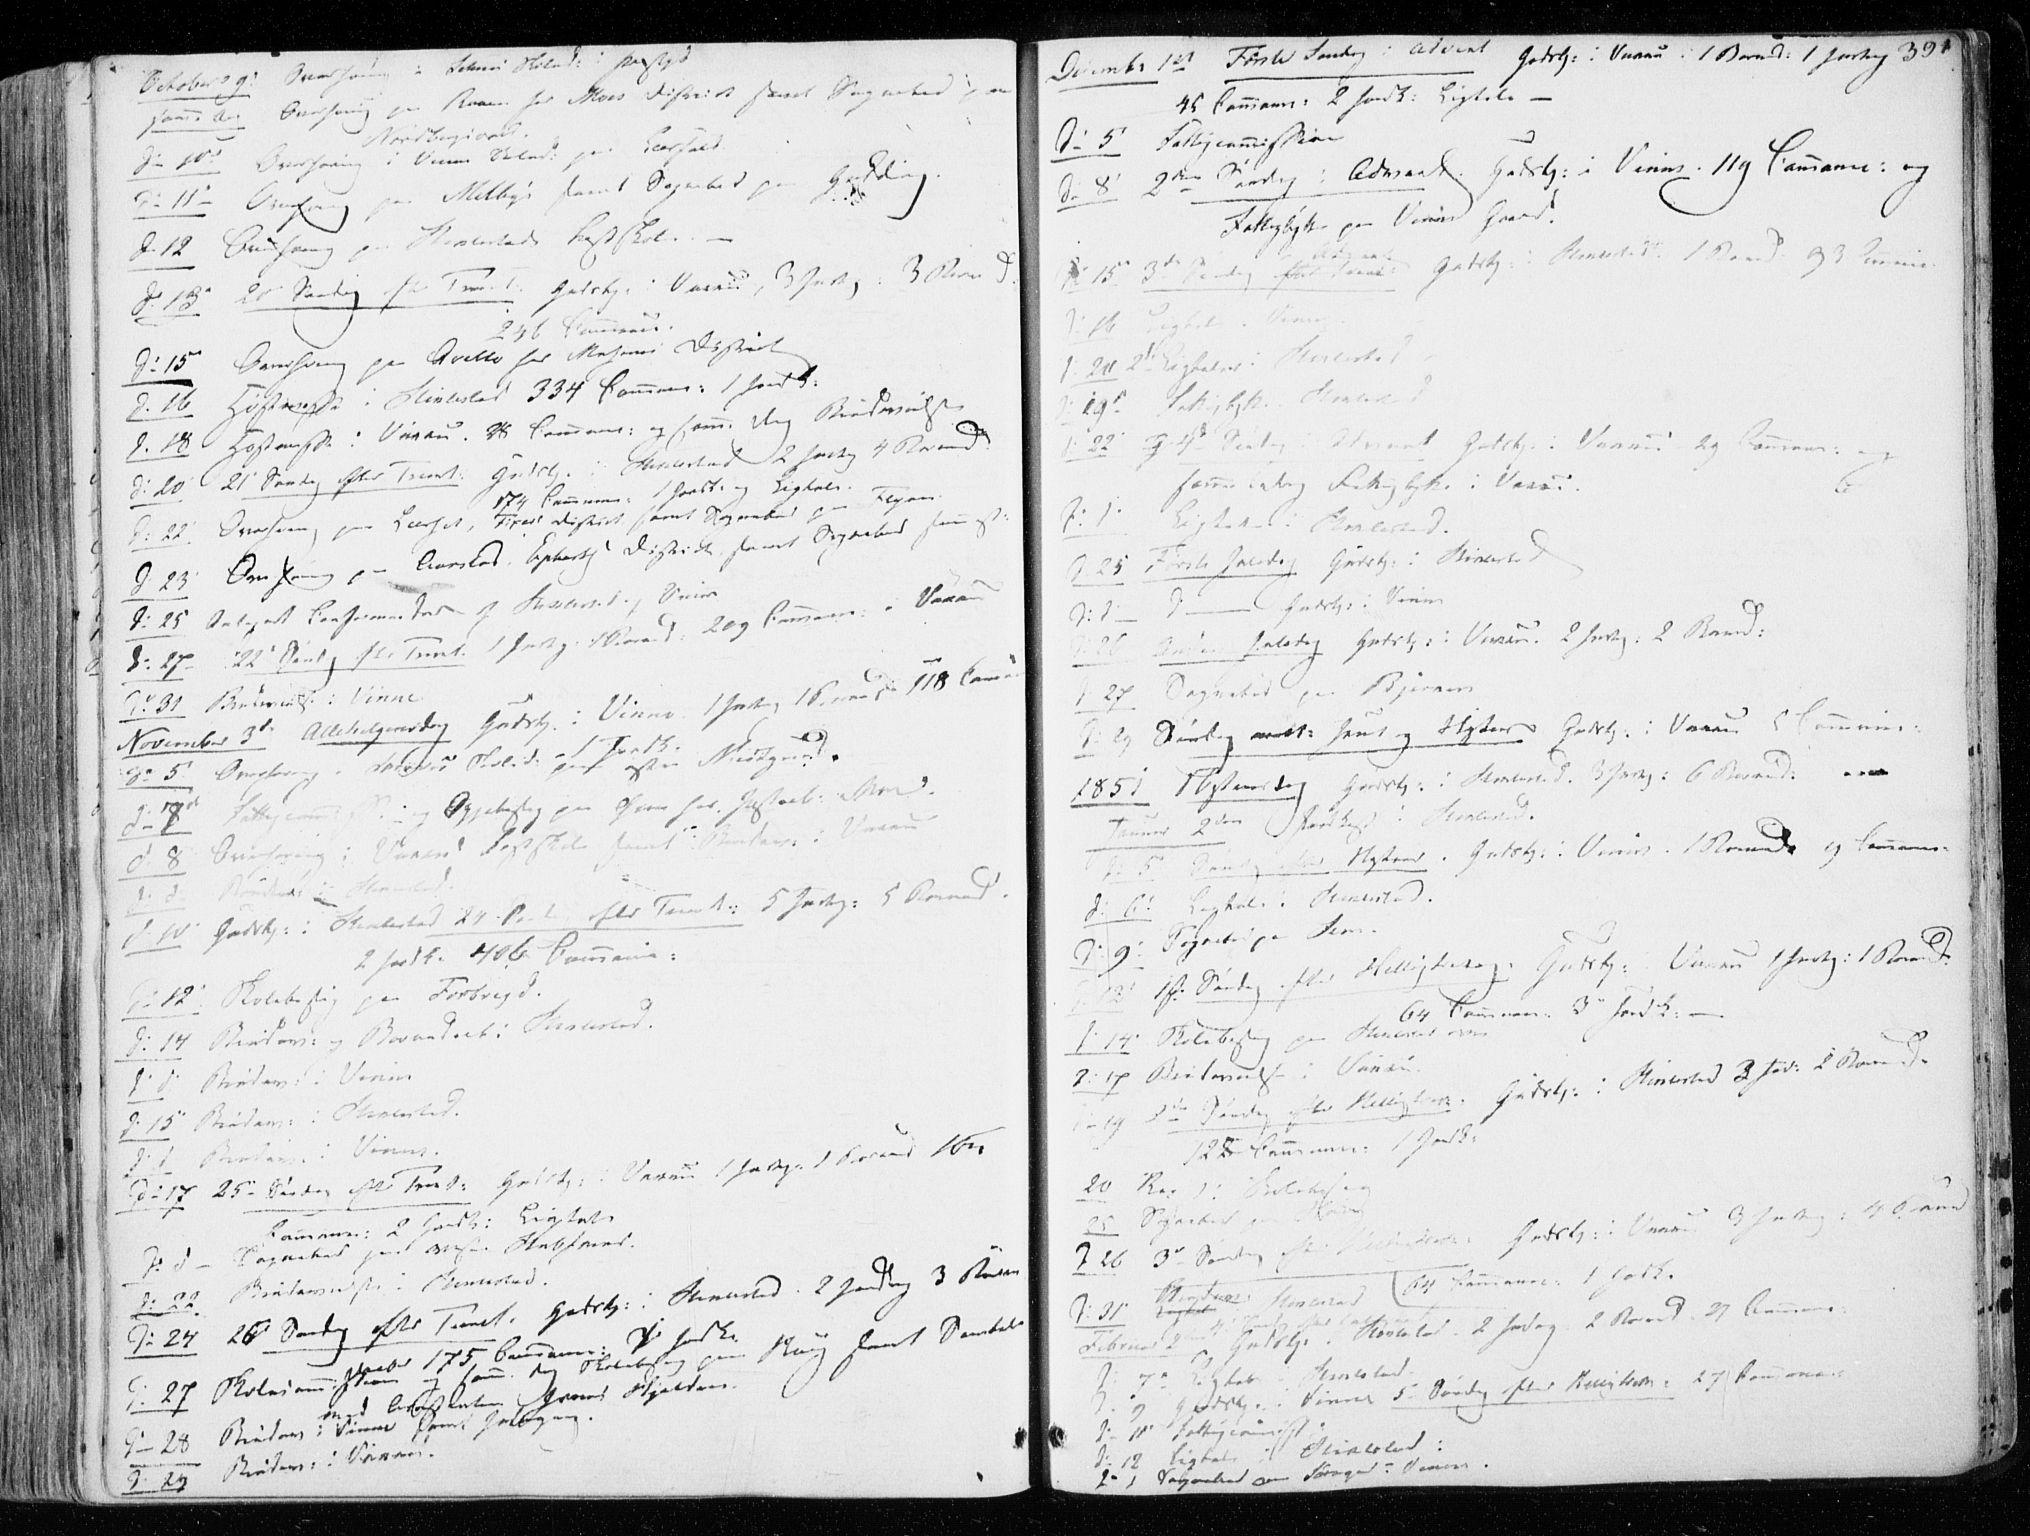 SAT, Ministerialprotokoller, klokkerbøker og fødselsregistre - Nord-Trøndelag, 723/L0239: Ministerialbok nr. 723A08, 1841-1851, s. 391